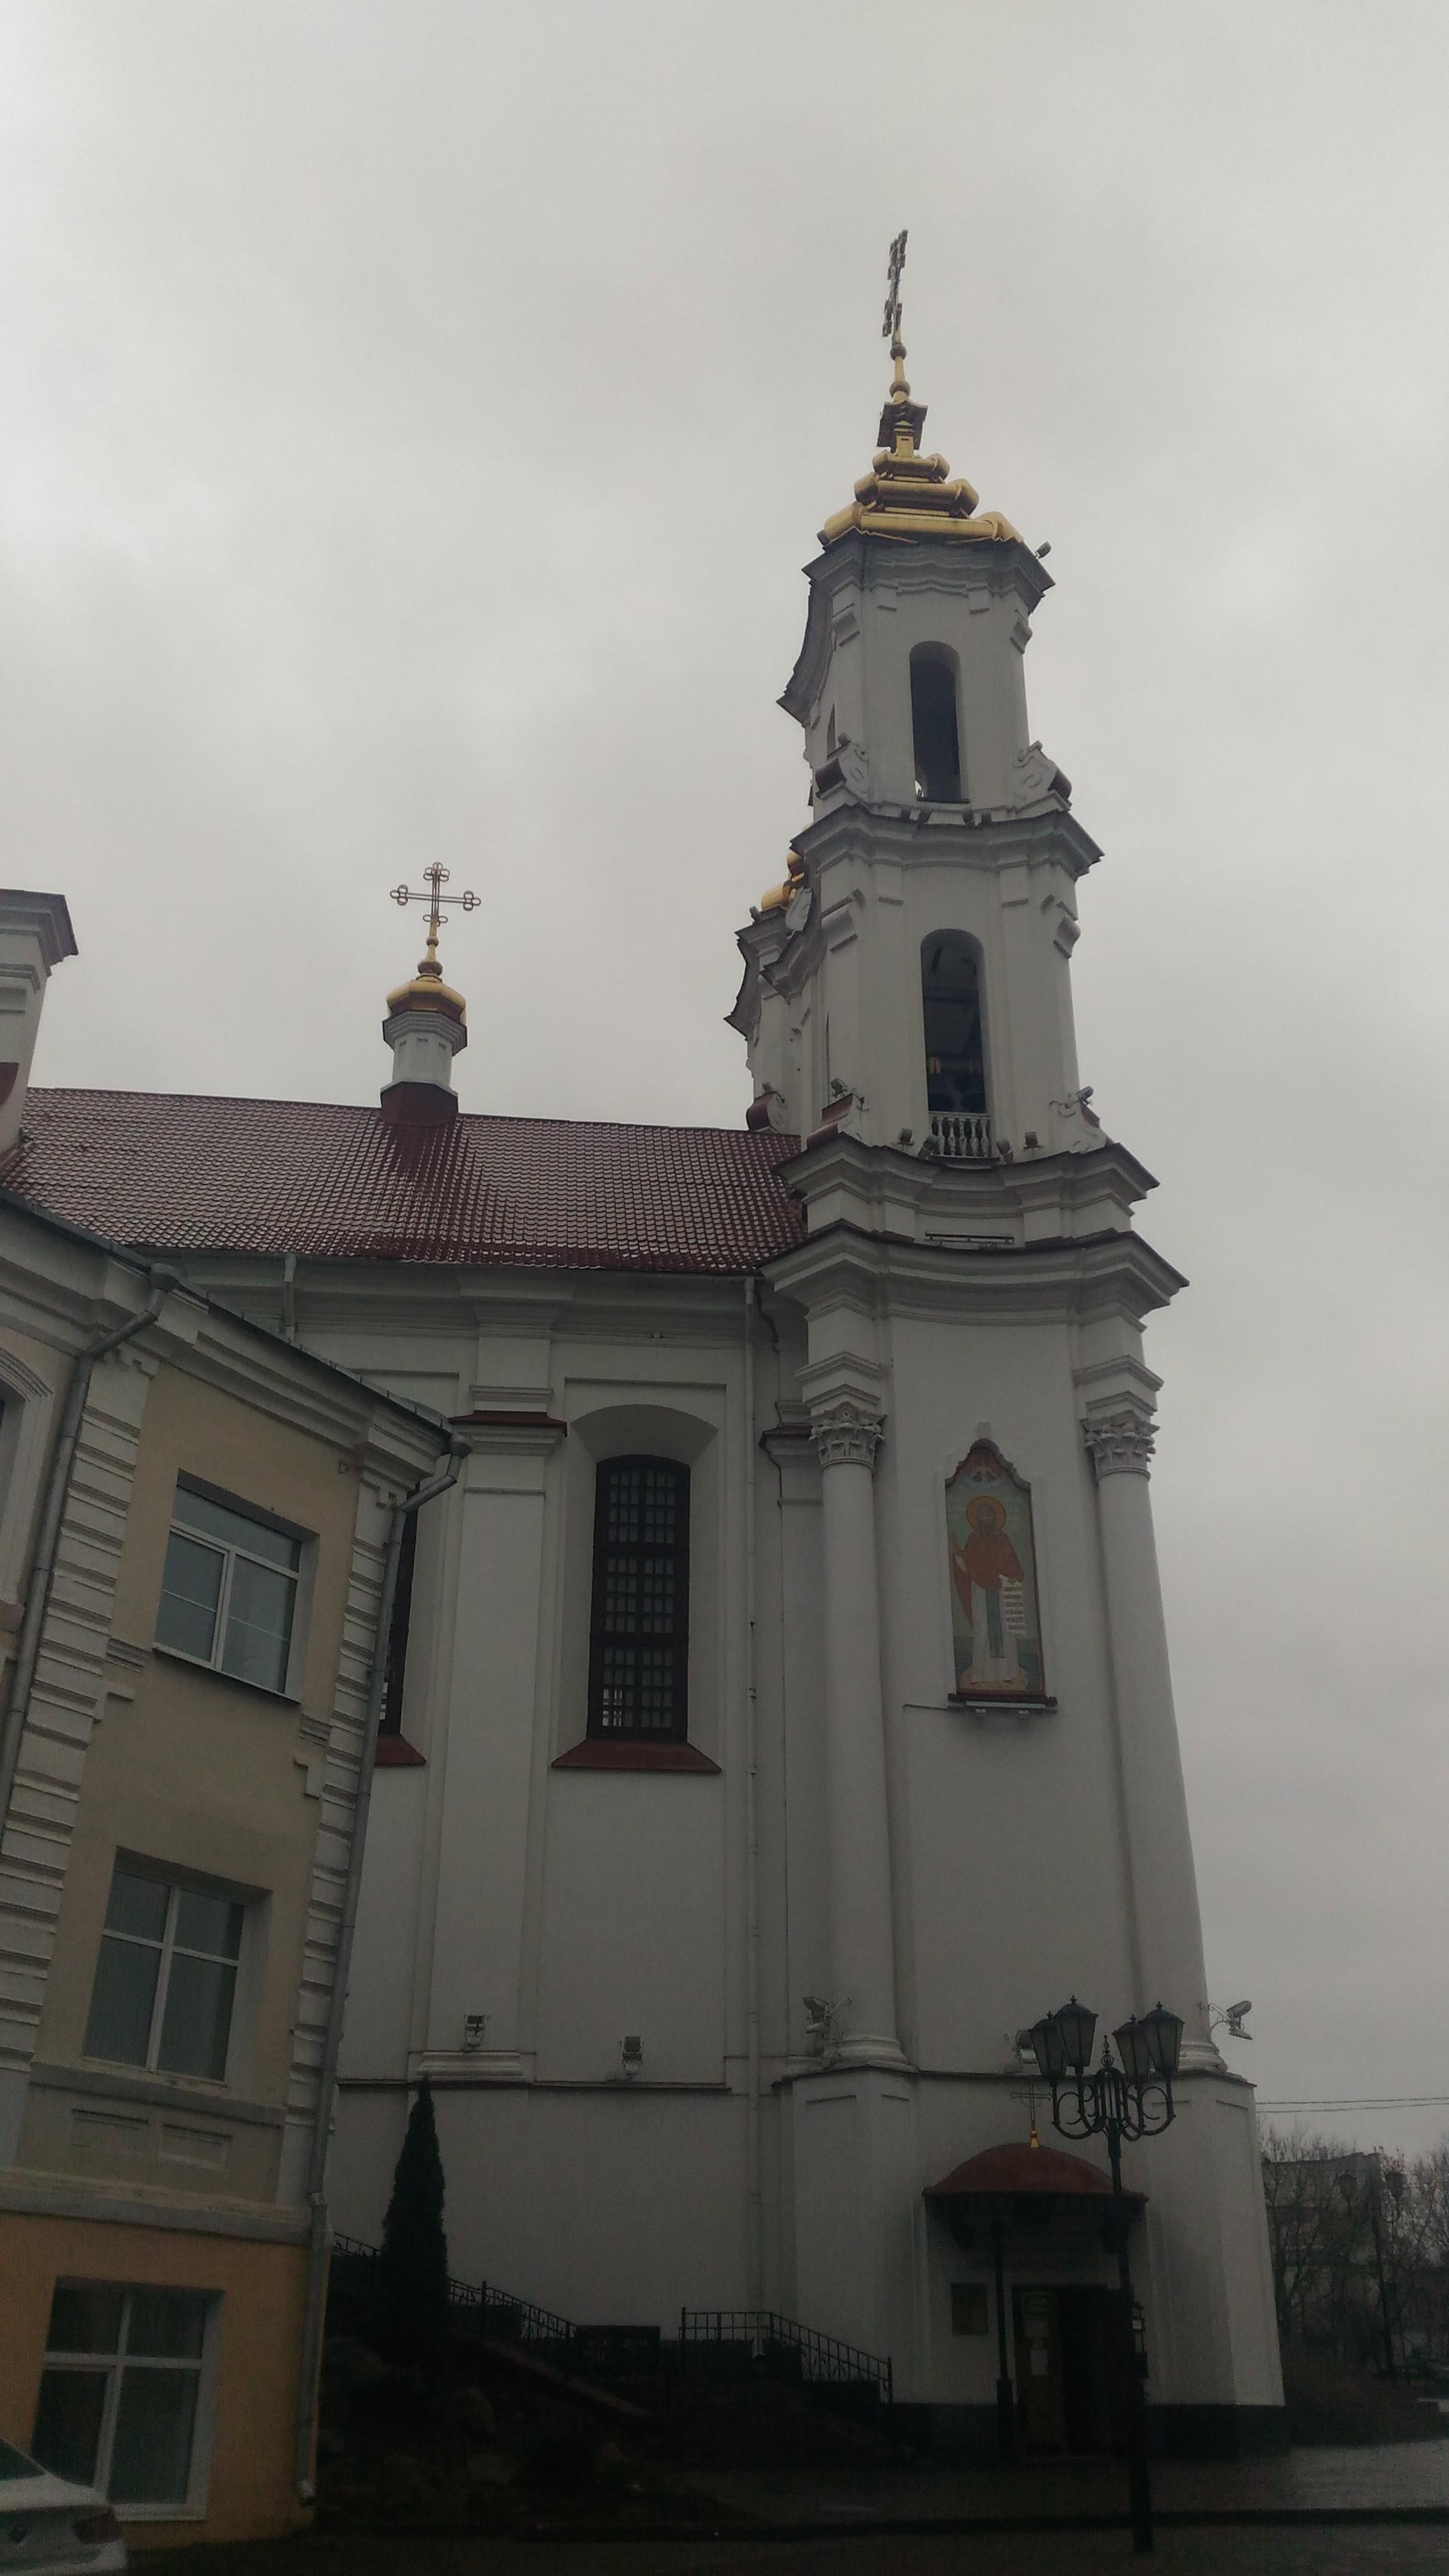 P 20191109 110354 1 - Свято-Воскресенская церковь в Витебске